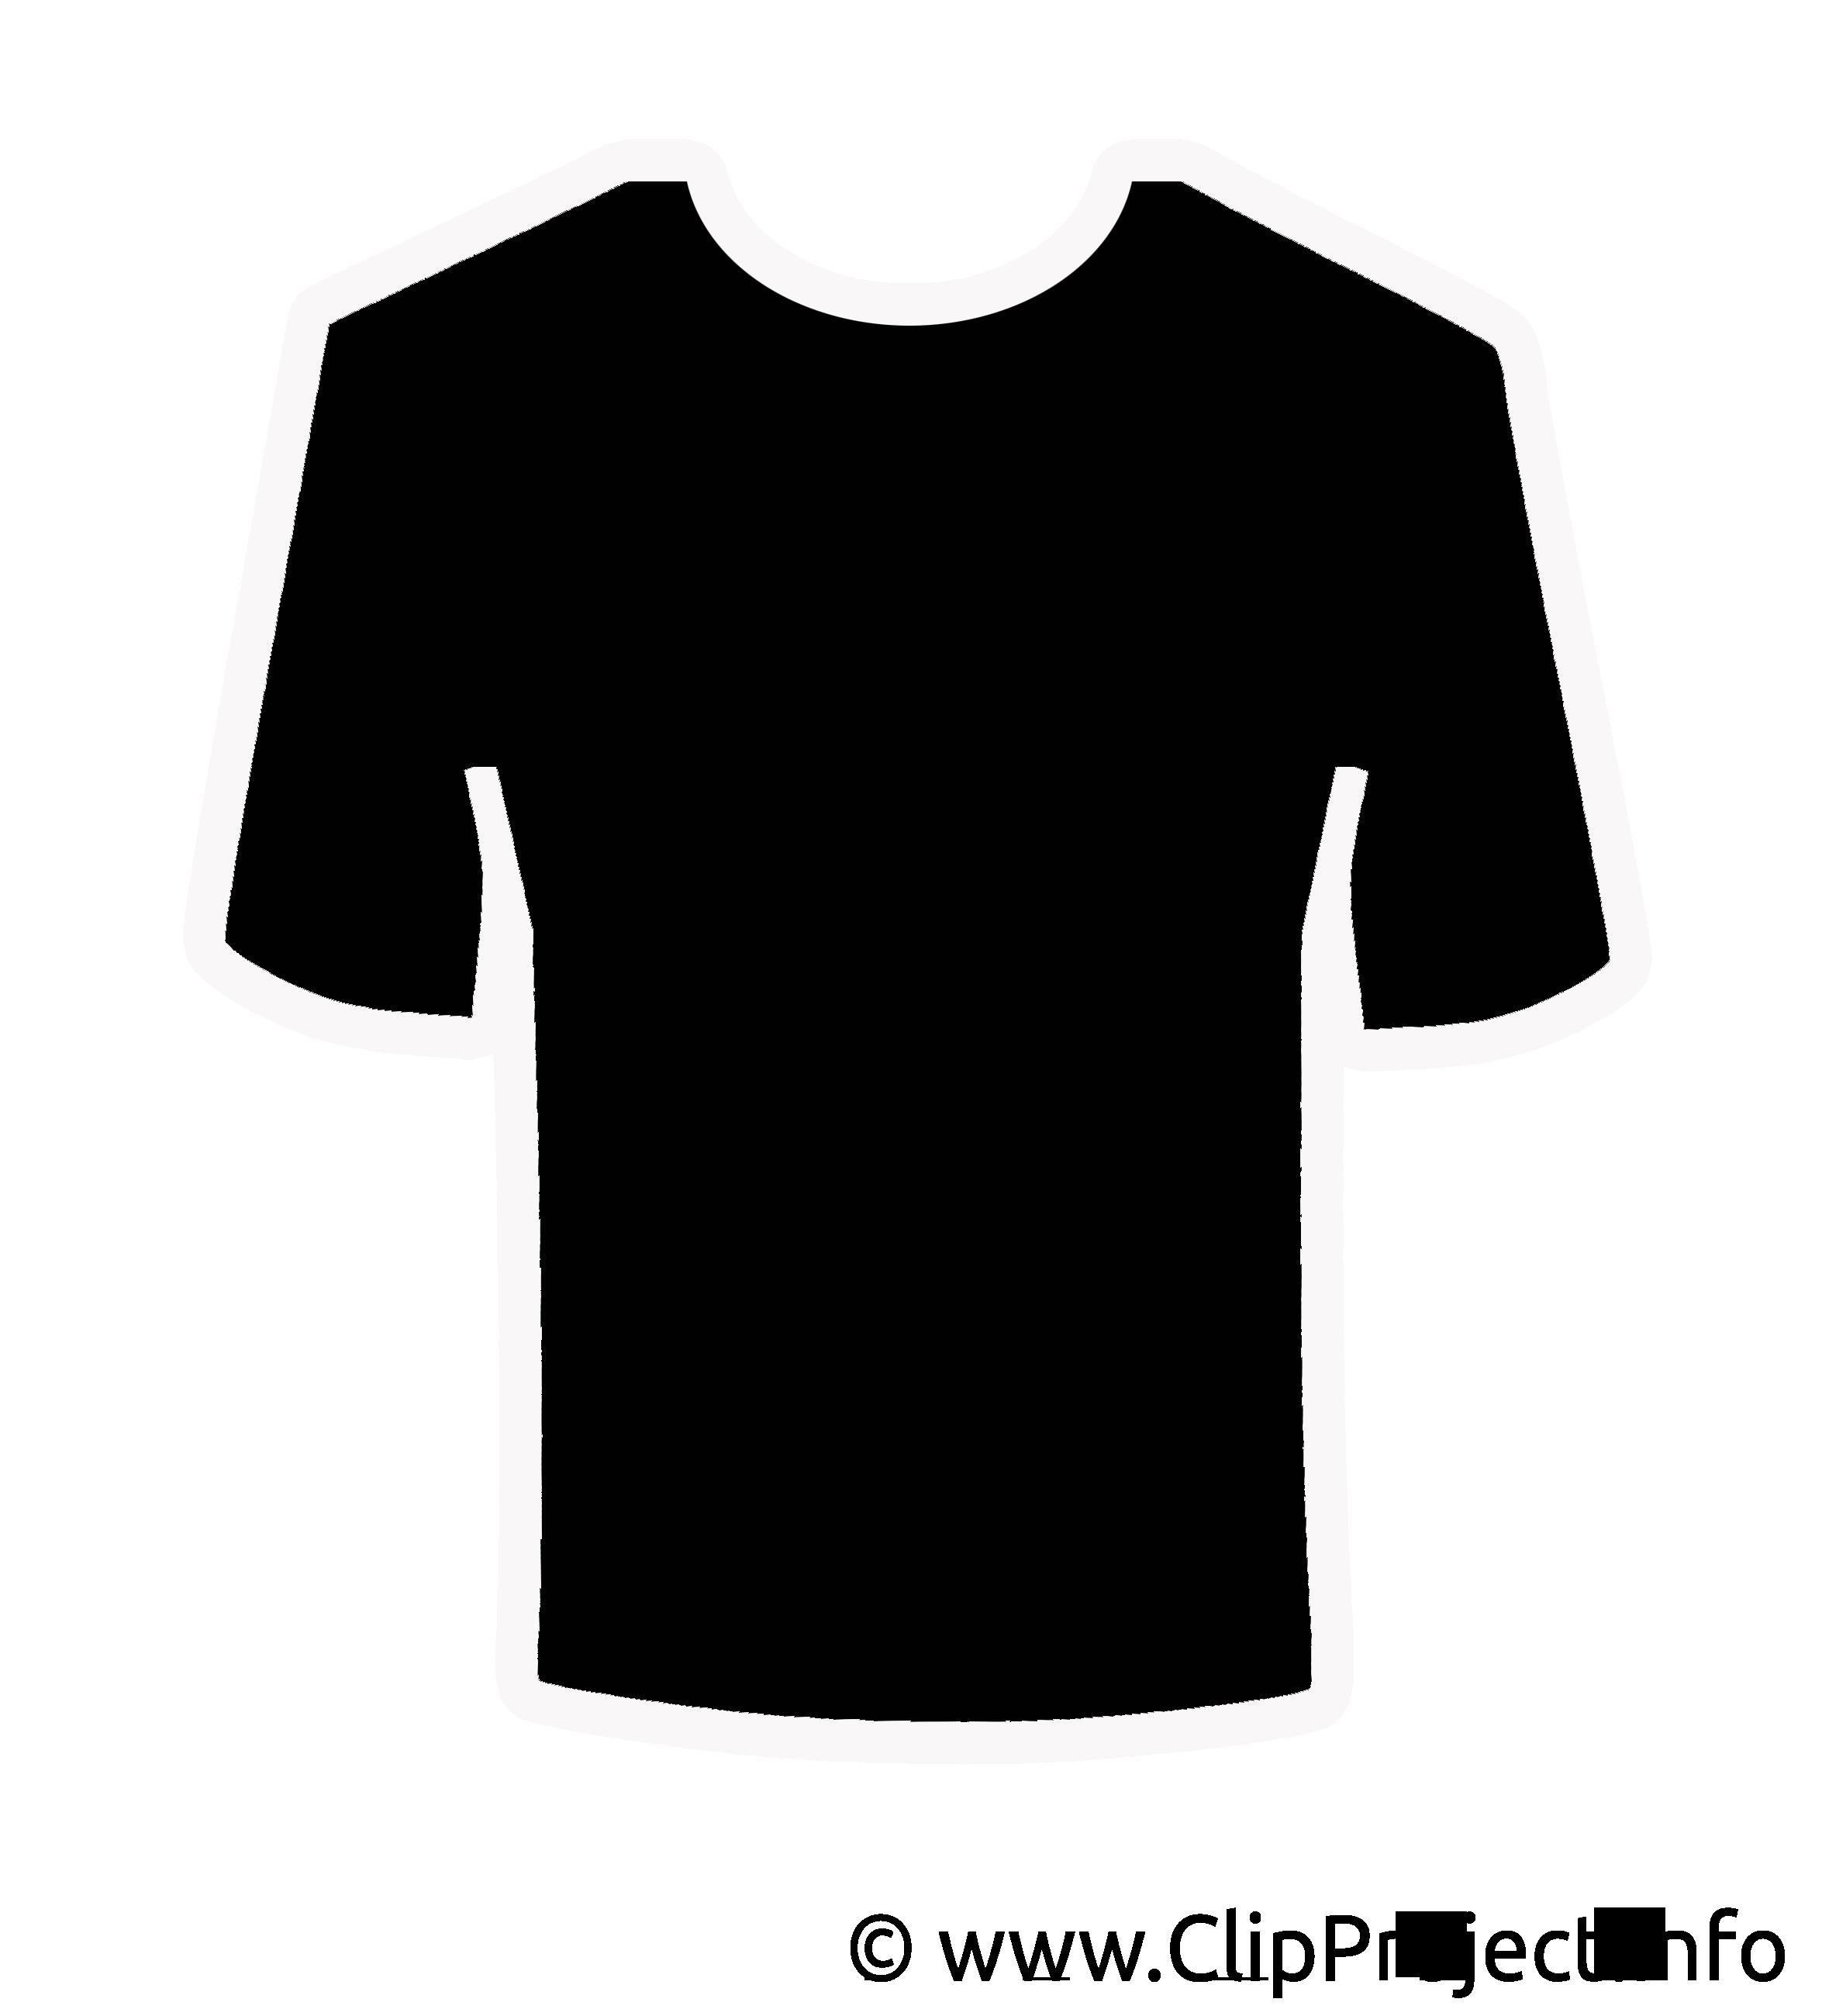 T-shirt cliparts gratuis - Noir et blanc images